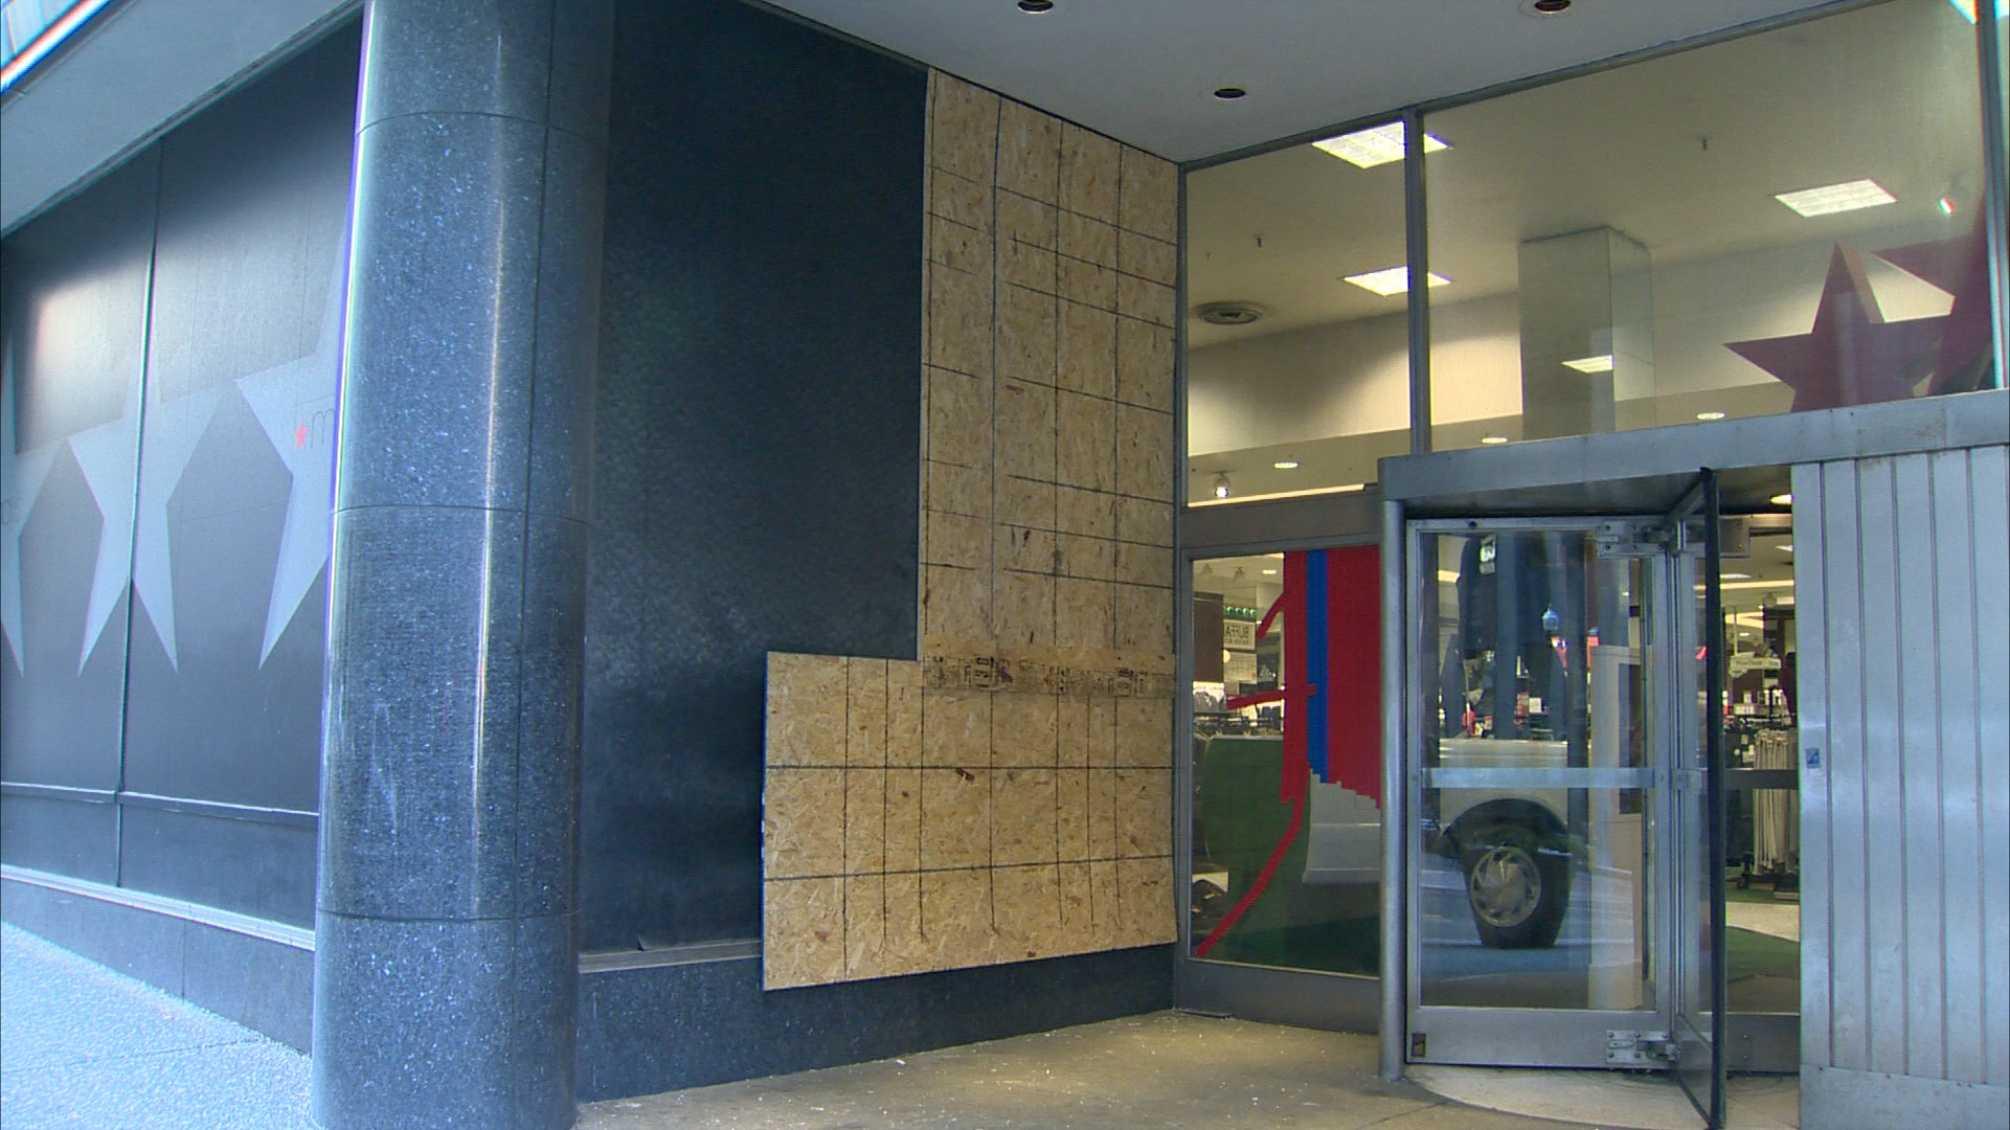 img-smashed Macy's window